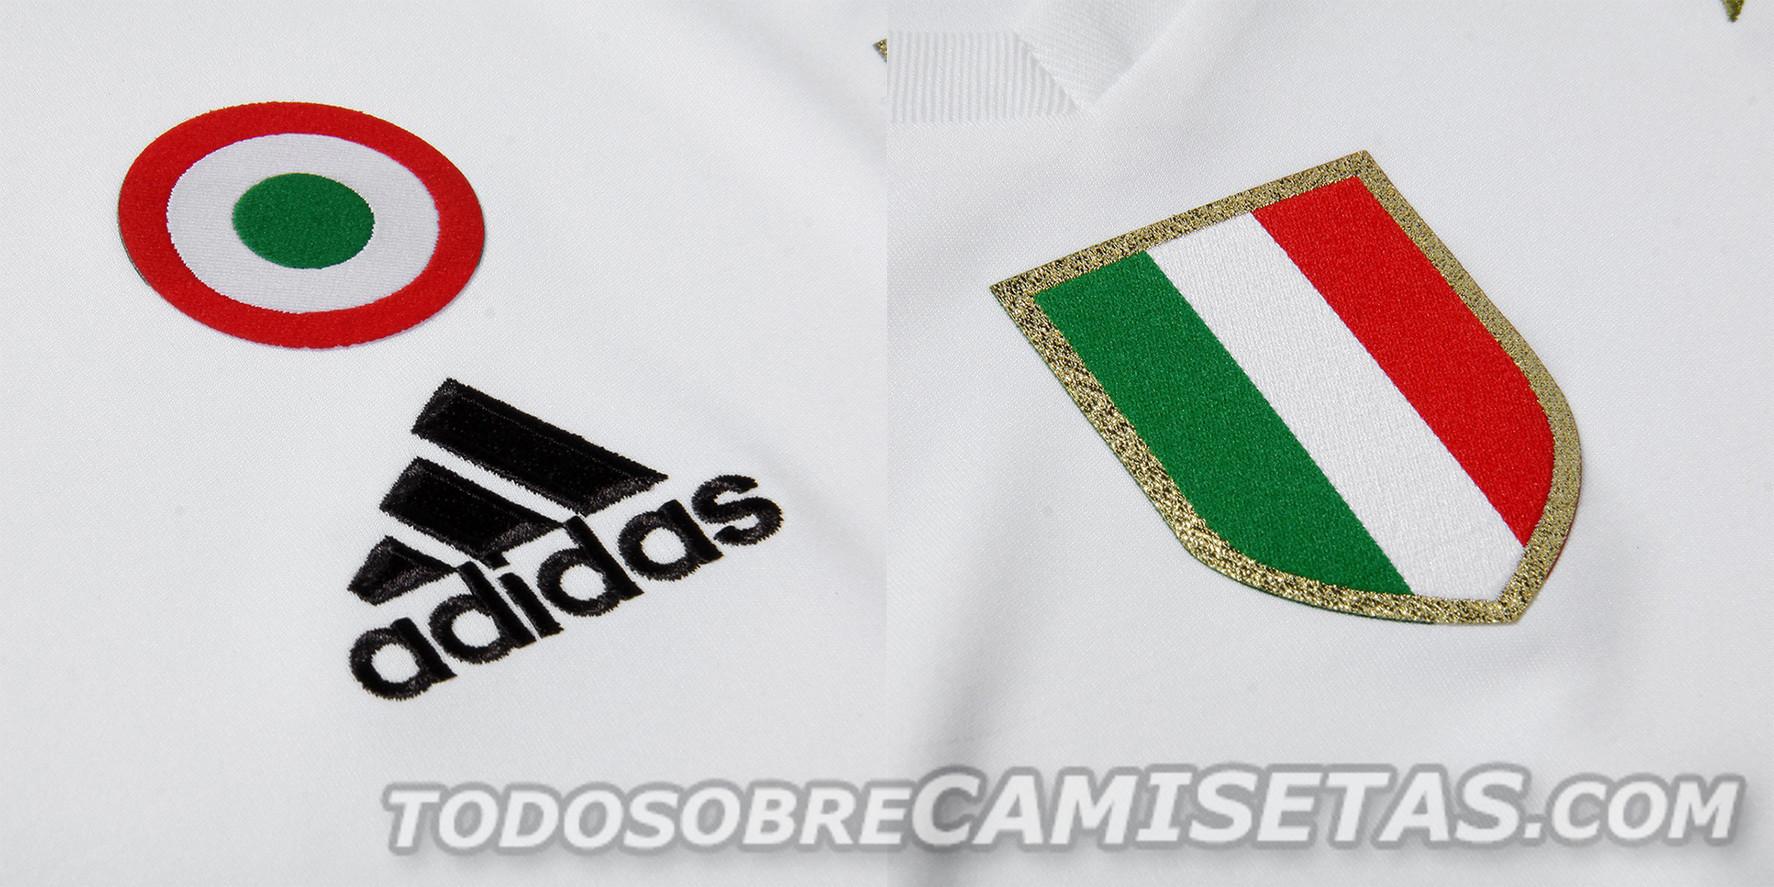 Juventus-2016-17-adidas-new-third-kit-8.jpg